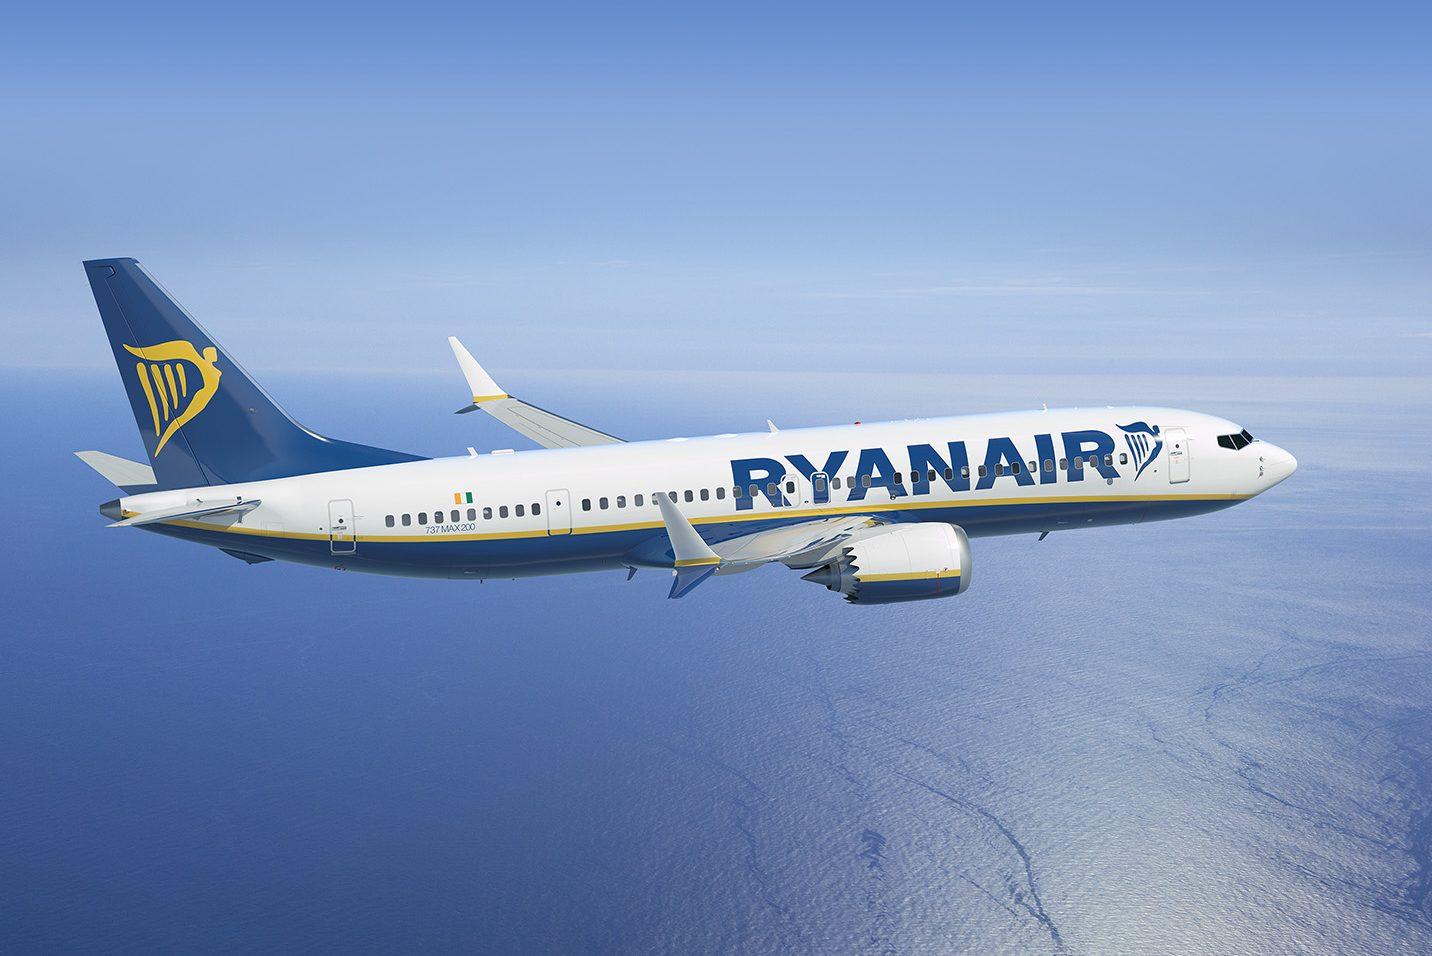 Как отказаться от билета на самолет ryanair сколько стоит билет до тюмени на самолете